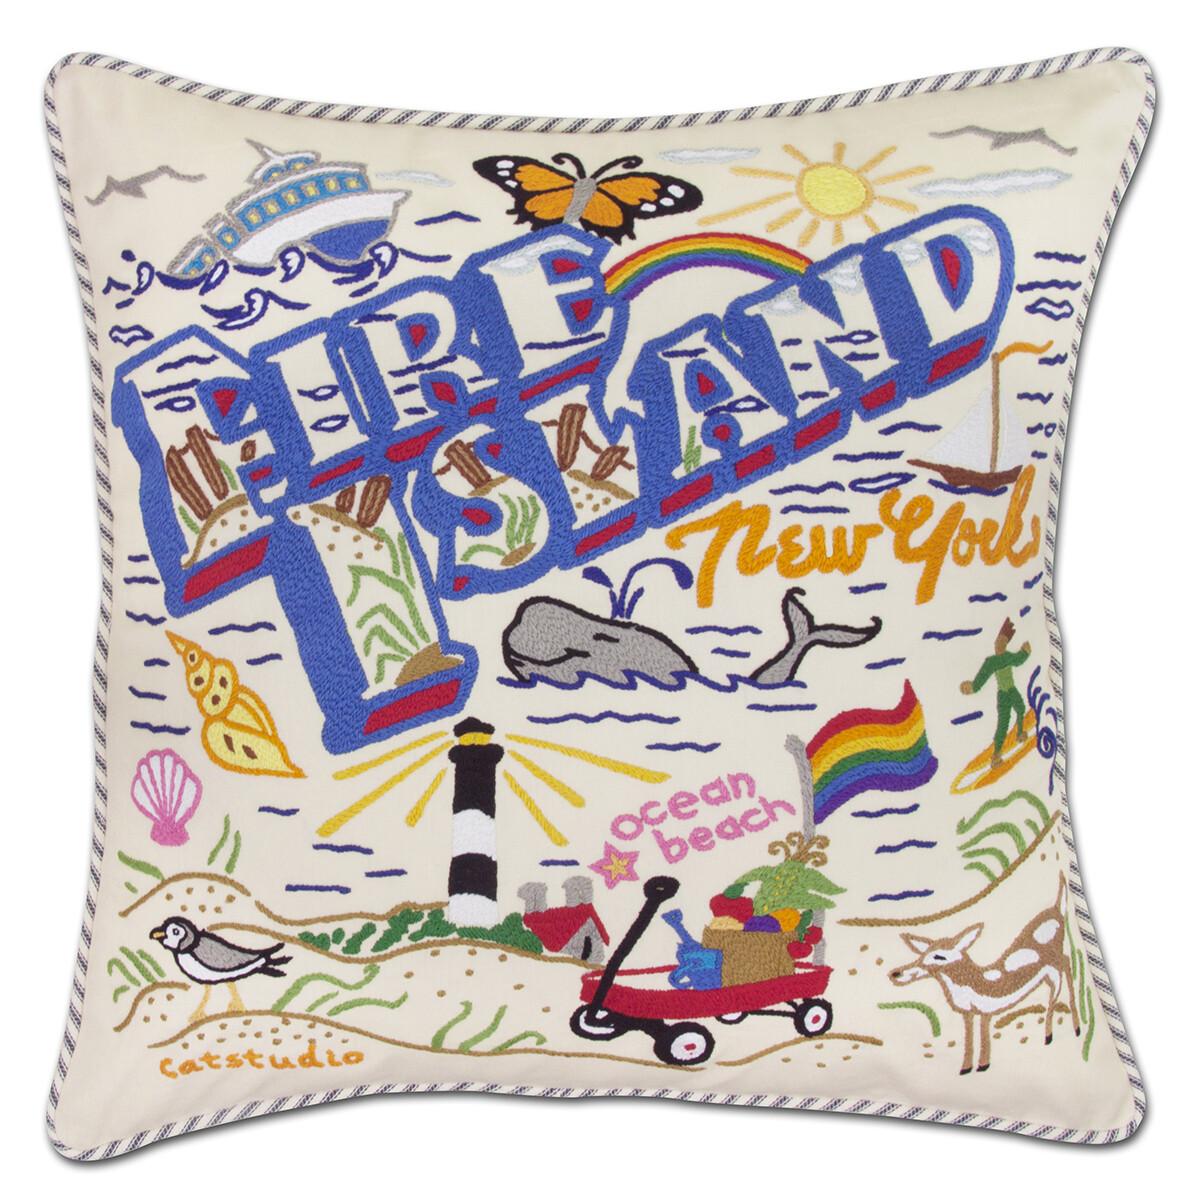 Fire Island pillow